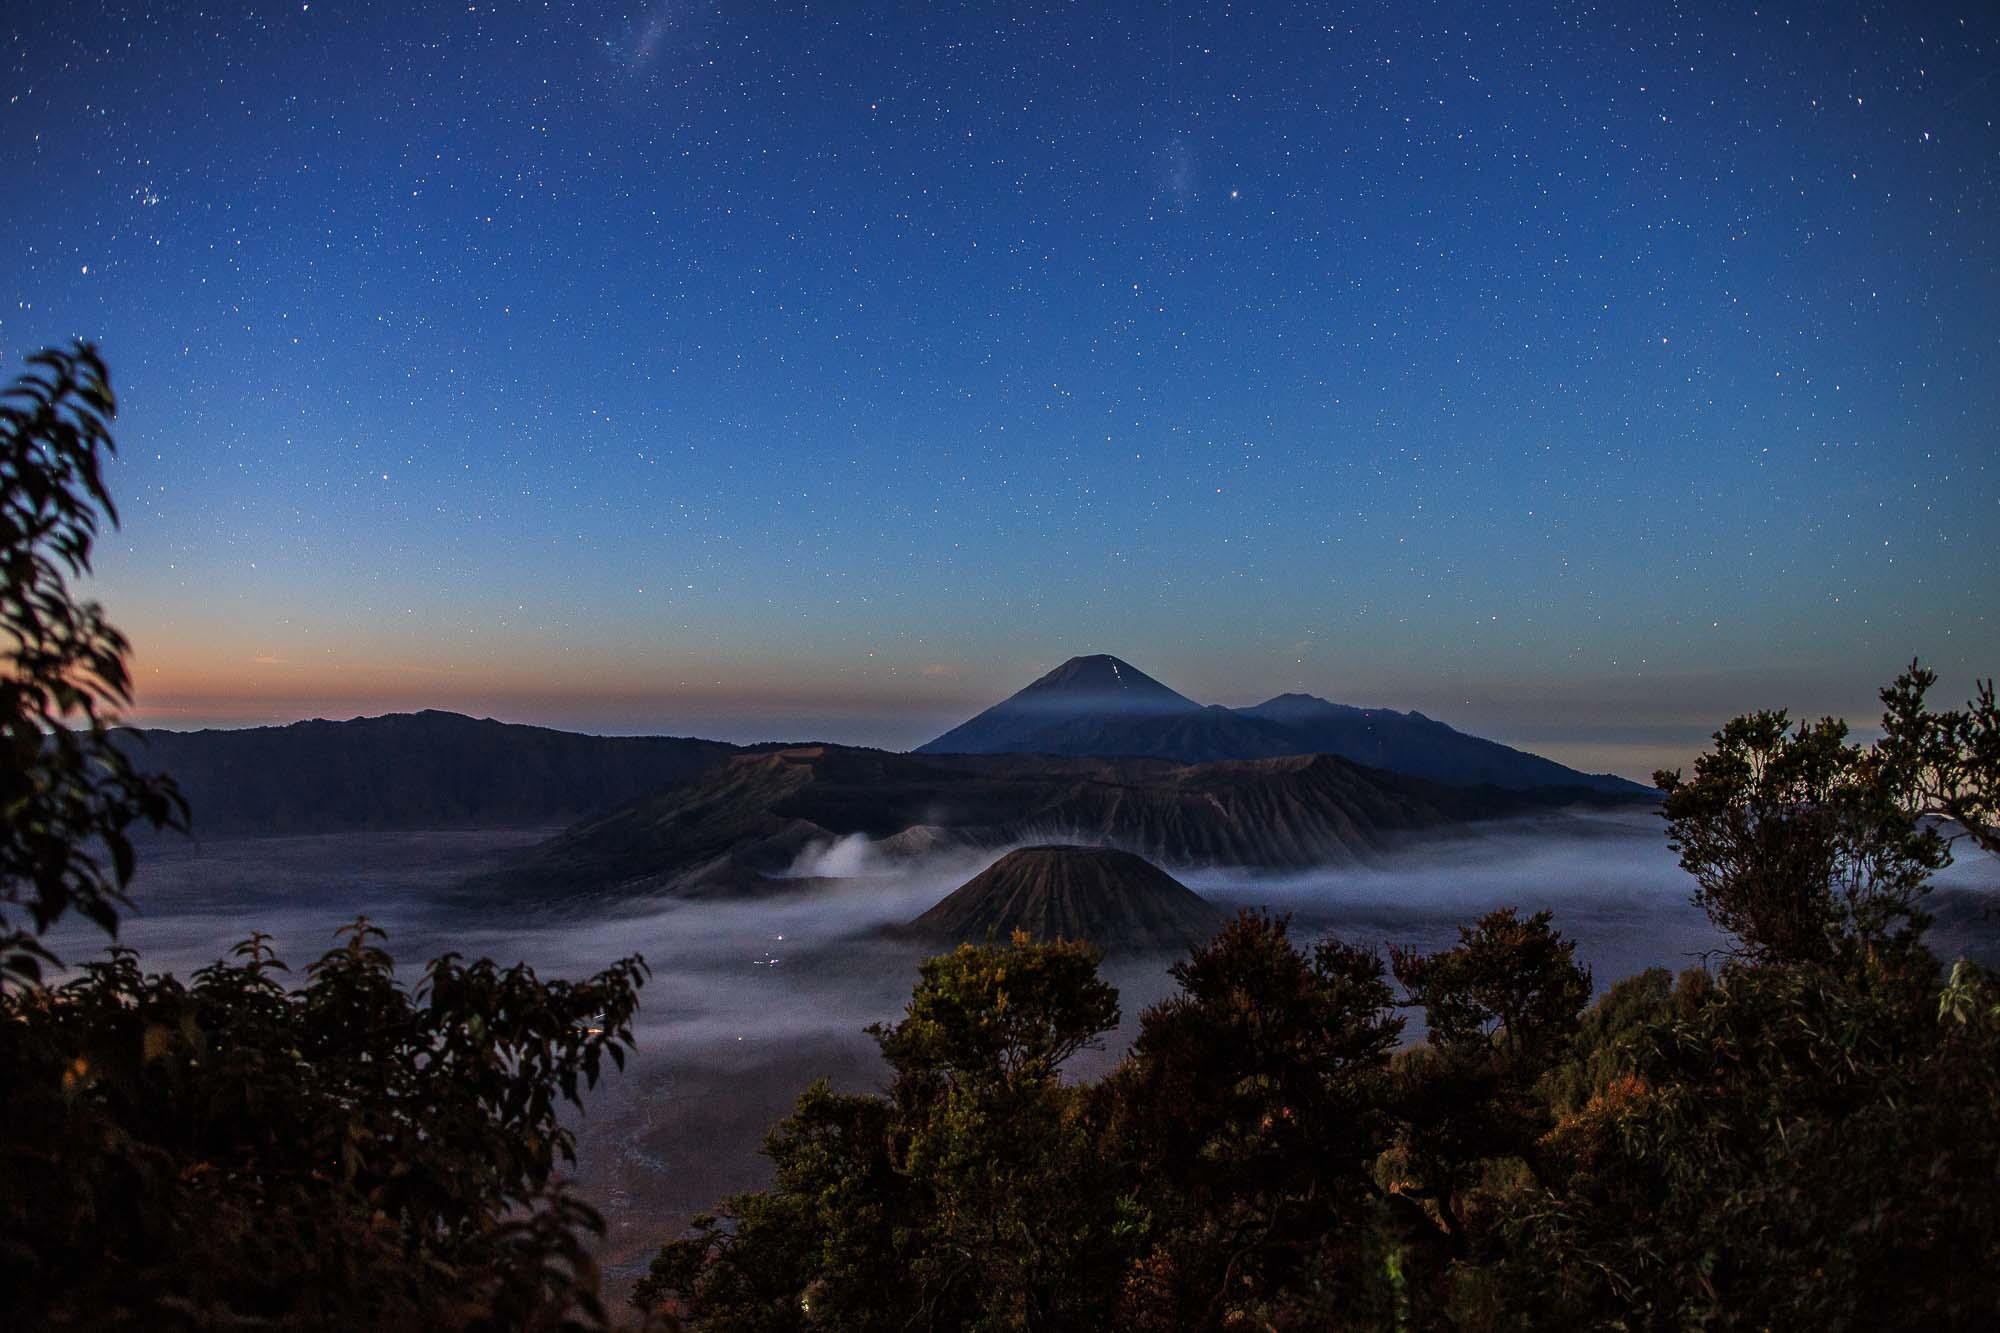 Mount Bromo at night - Jus Medic